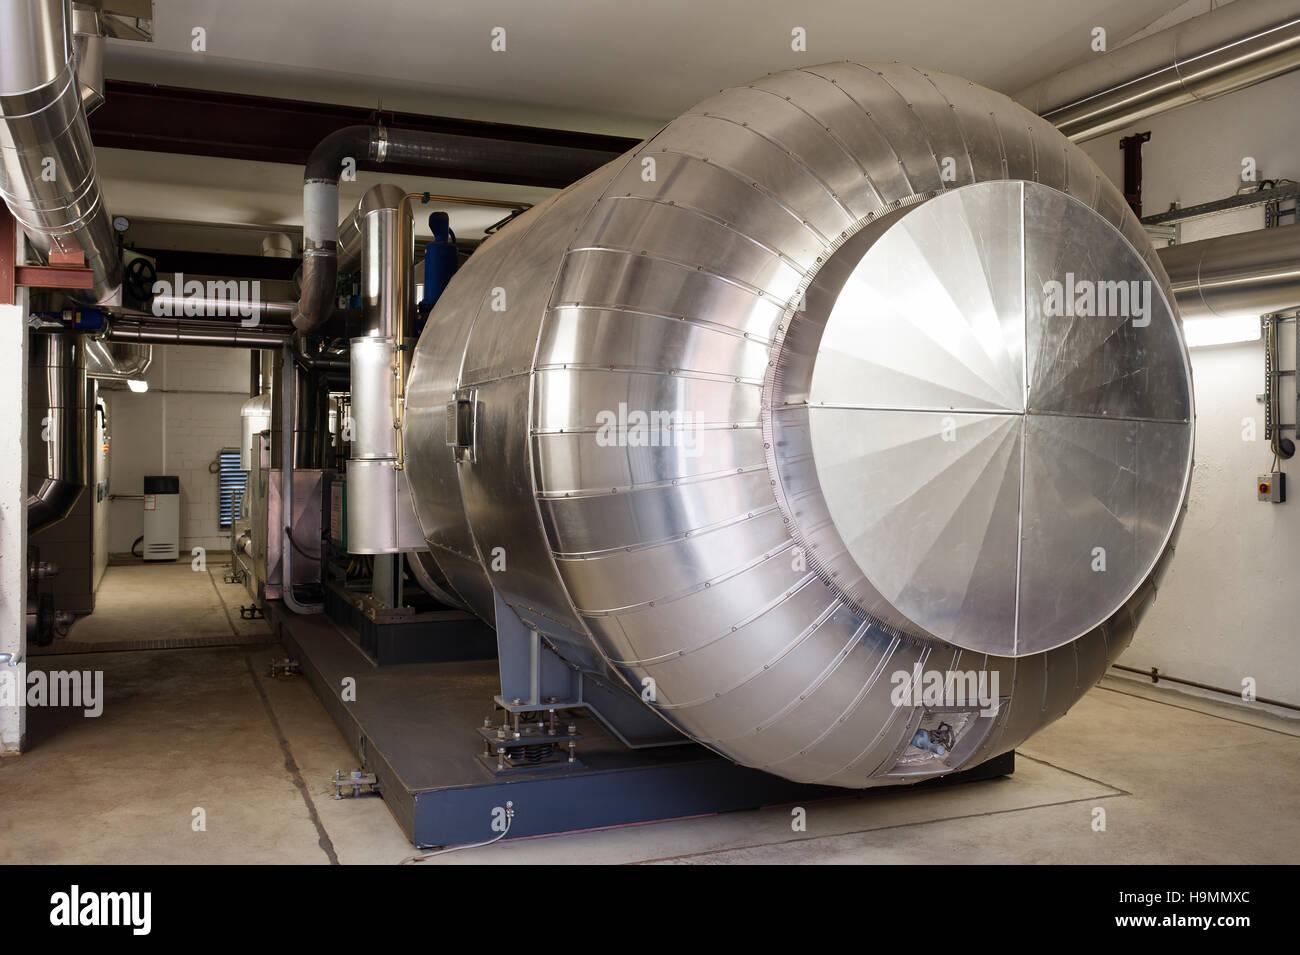 Macchinari di compressione in legno impianto di trasformazione, Templin, Uckermark distretto di Brandenurg, Germania. Immagini Stock